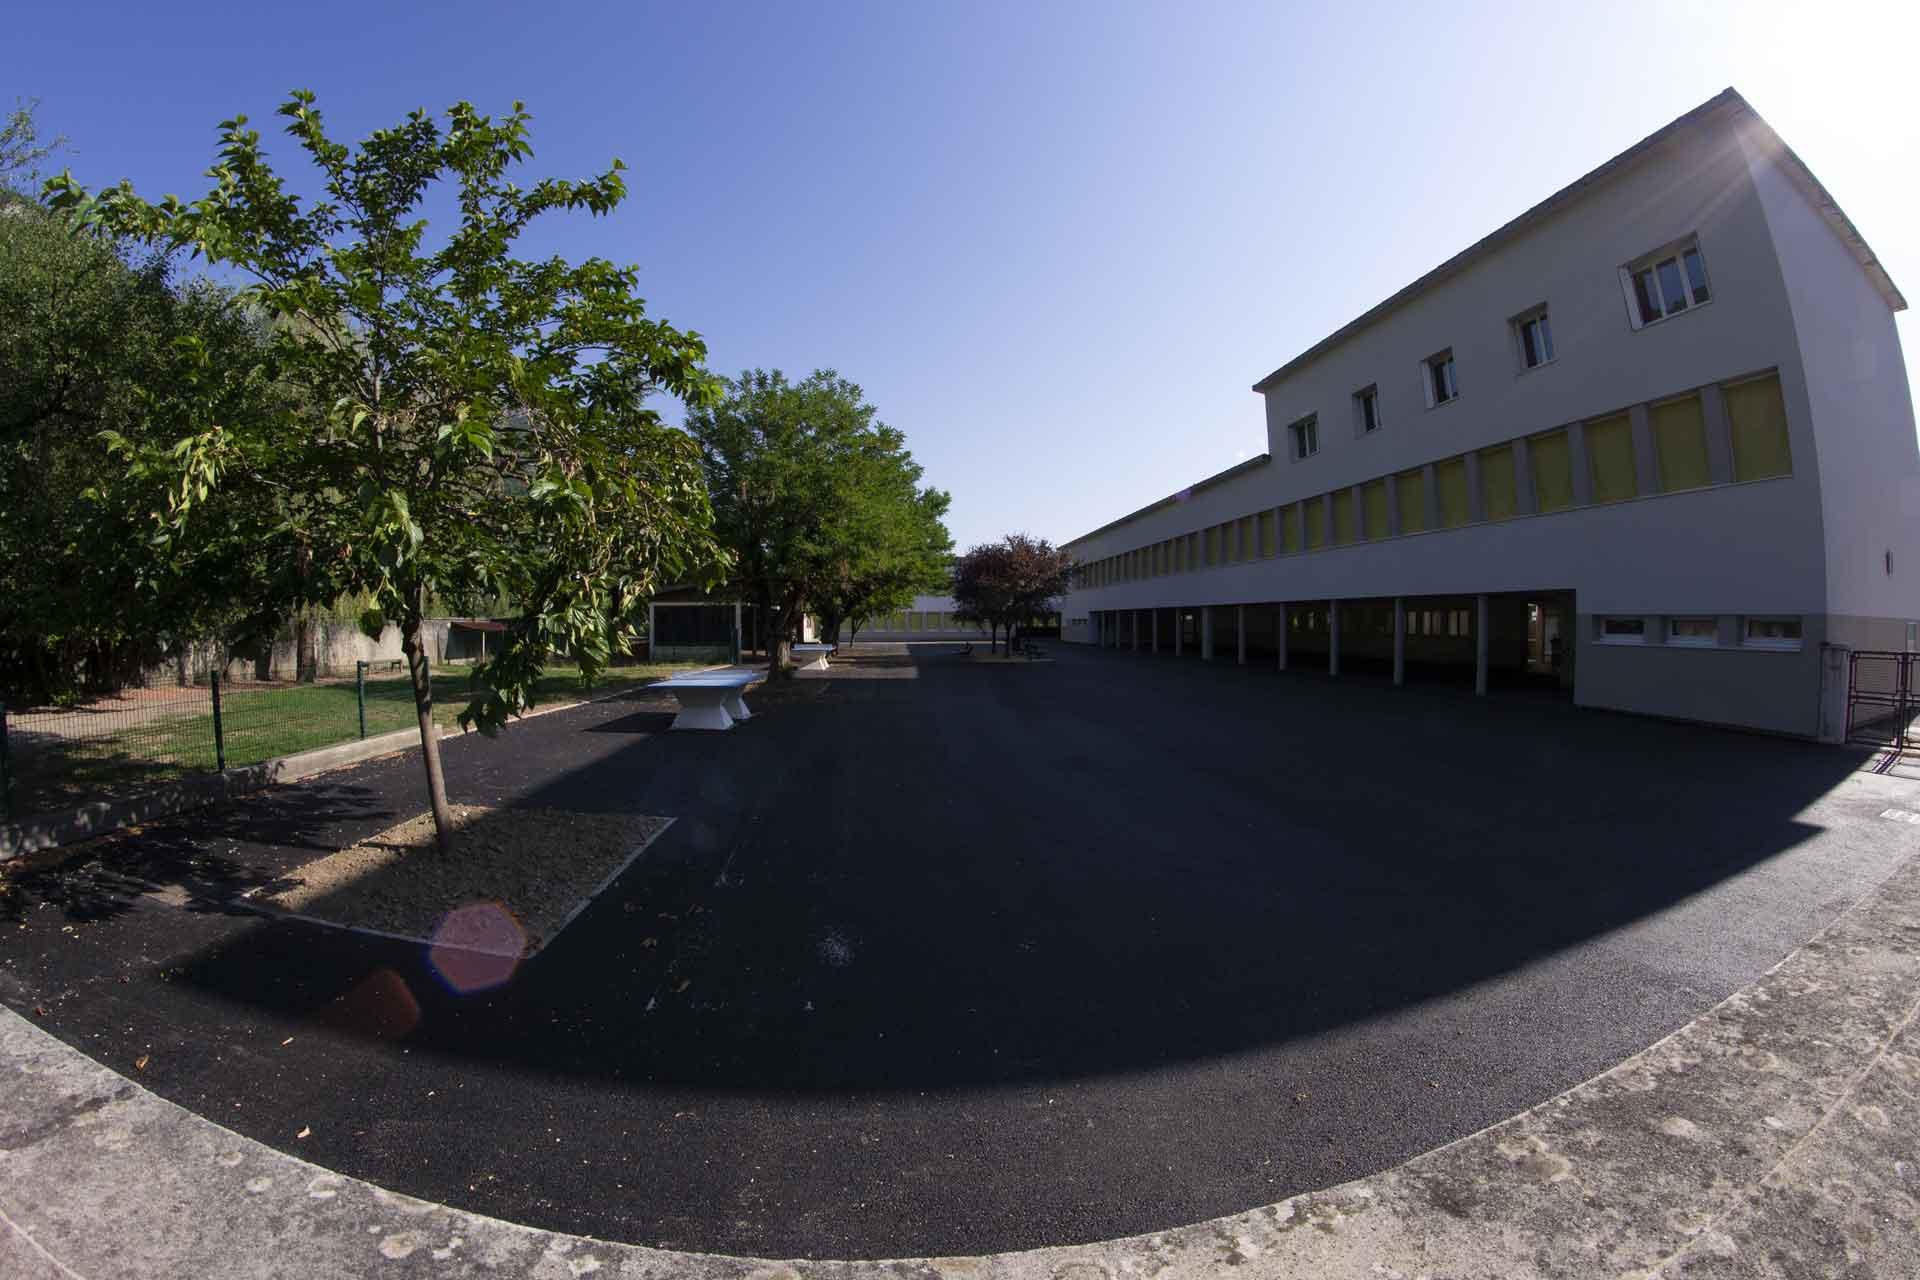 École primaire Malraux